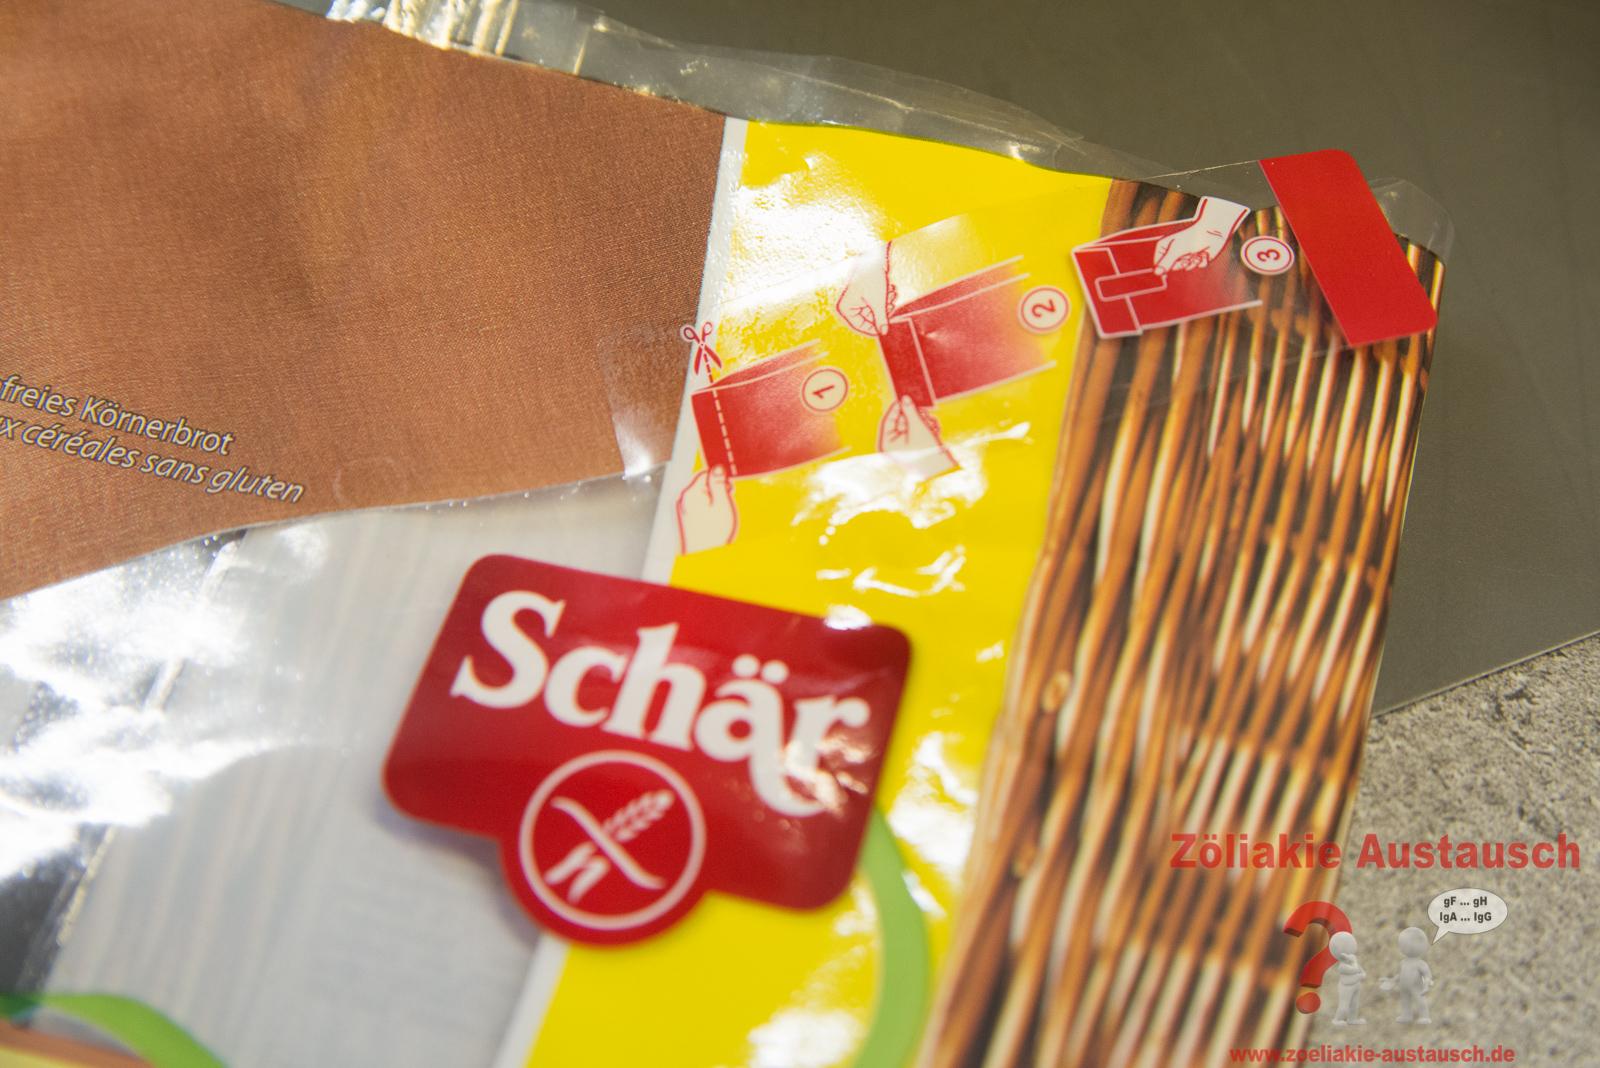 Schaer_Genius-Zoeliakie-Austausch_6651